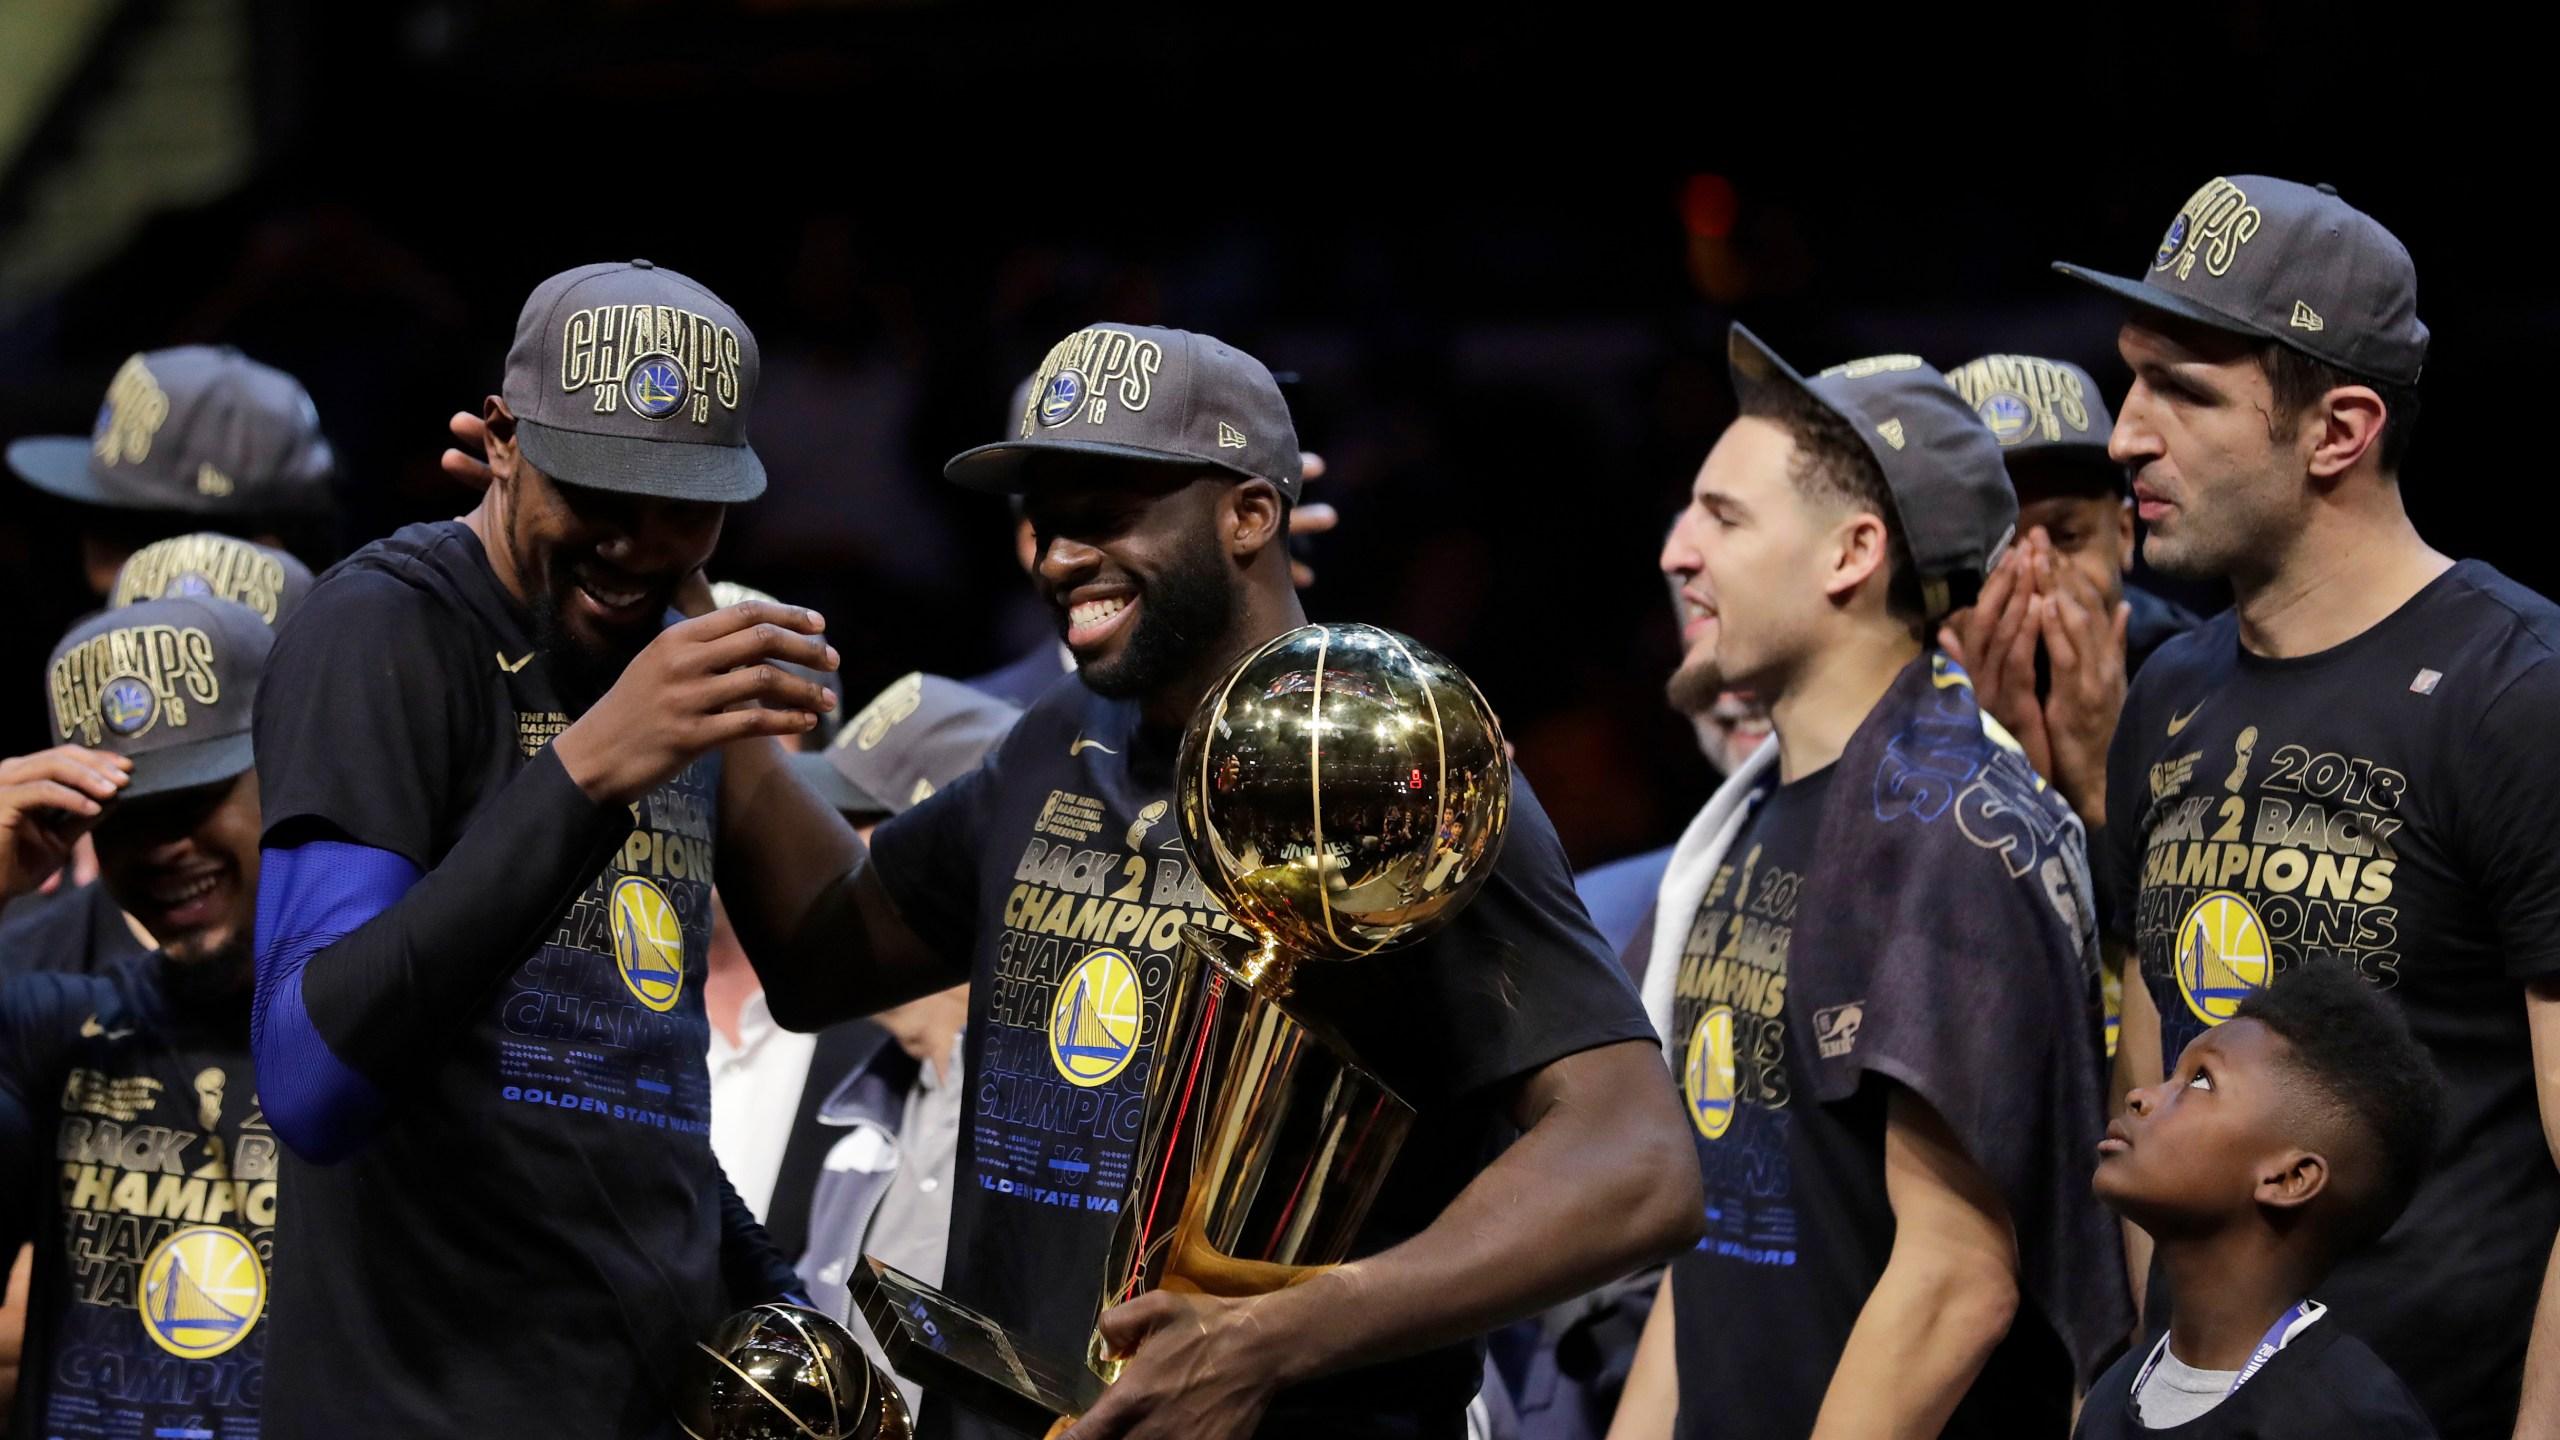 NBA_Finals_Warriors_Cavaliers_Basketball_45066-159532.jpg87266576